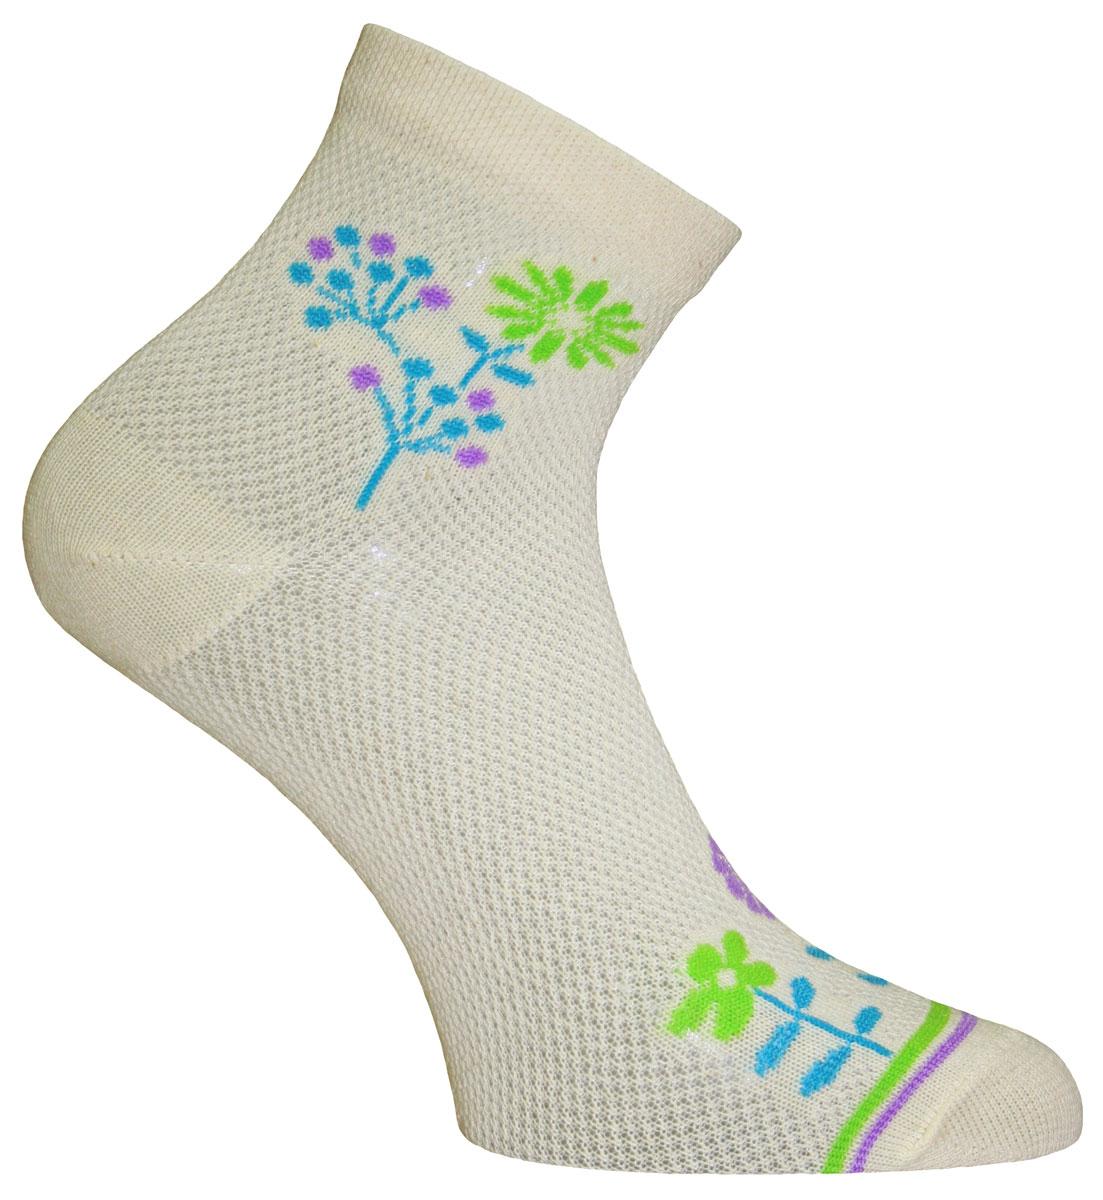 Носки женские Master Socks, цвет: бежевый, голубой. 55011. Размер 2555011Удобные носки Master Socks, изготовленные из высококачественного комбинированного материала, очень мягкие и приятные на ощупь, позволяют коже дышать. Эластичная резинка плотно облегает ногу, не сдавливая ее, обеспечивая комфорт и удобство. Носки с паголенком классической длины оформленыоригинальным принтом в нижней и верхней частях носка. Практичные и комфортные носки великолепно подойдут к любой вашей обуви.